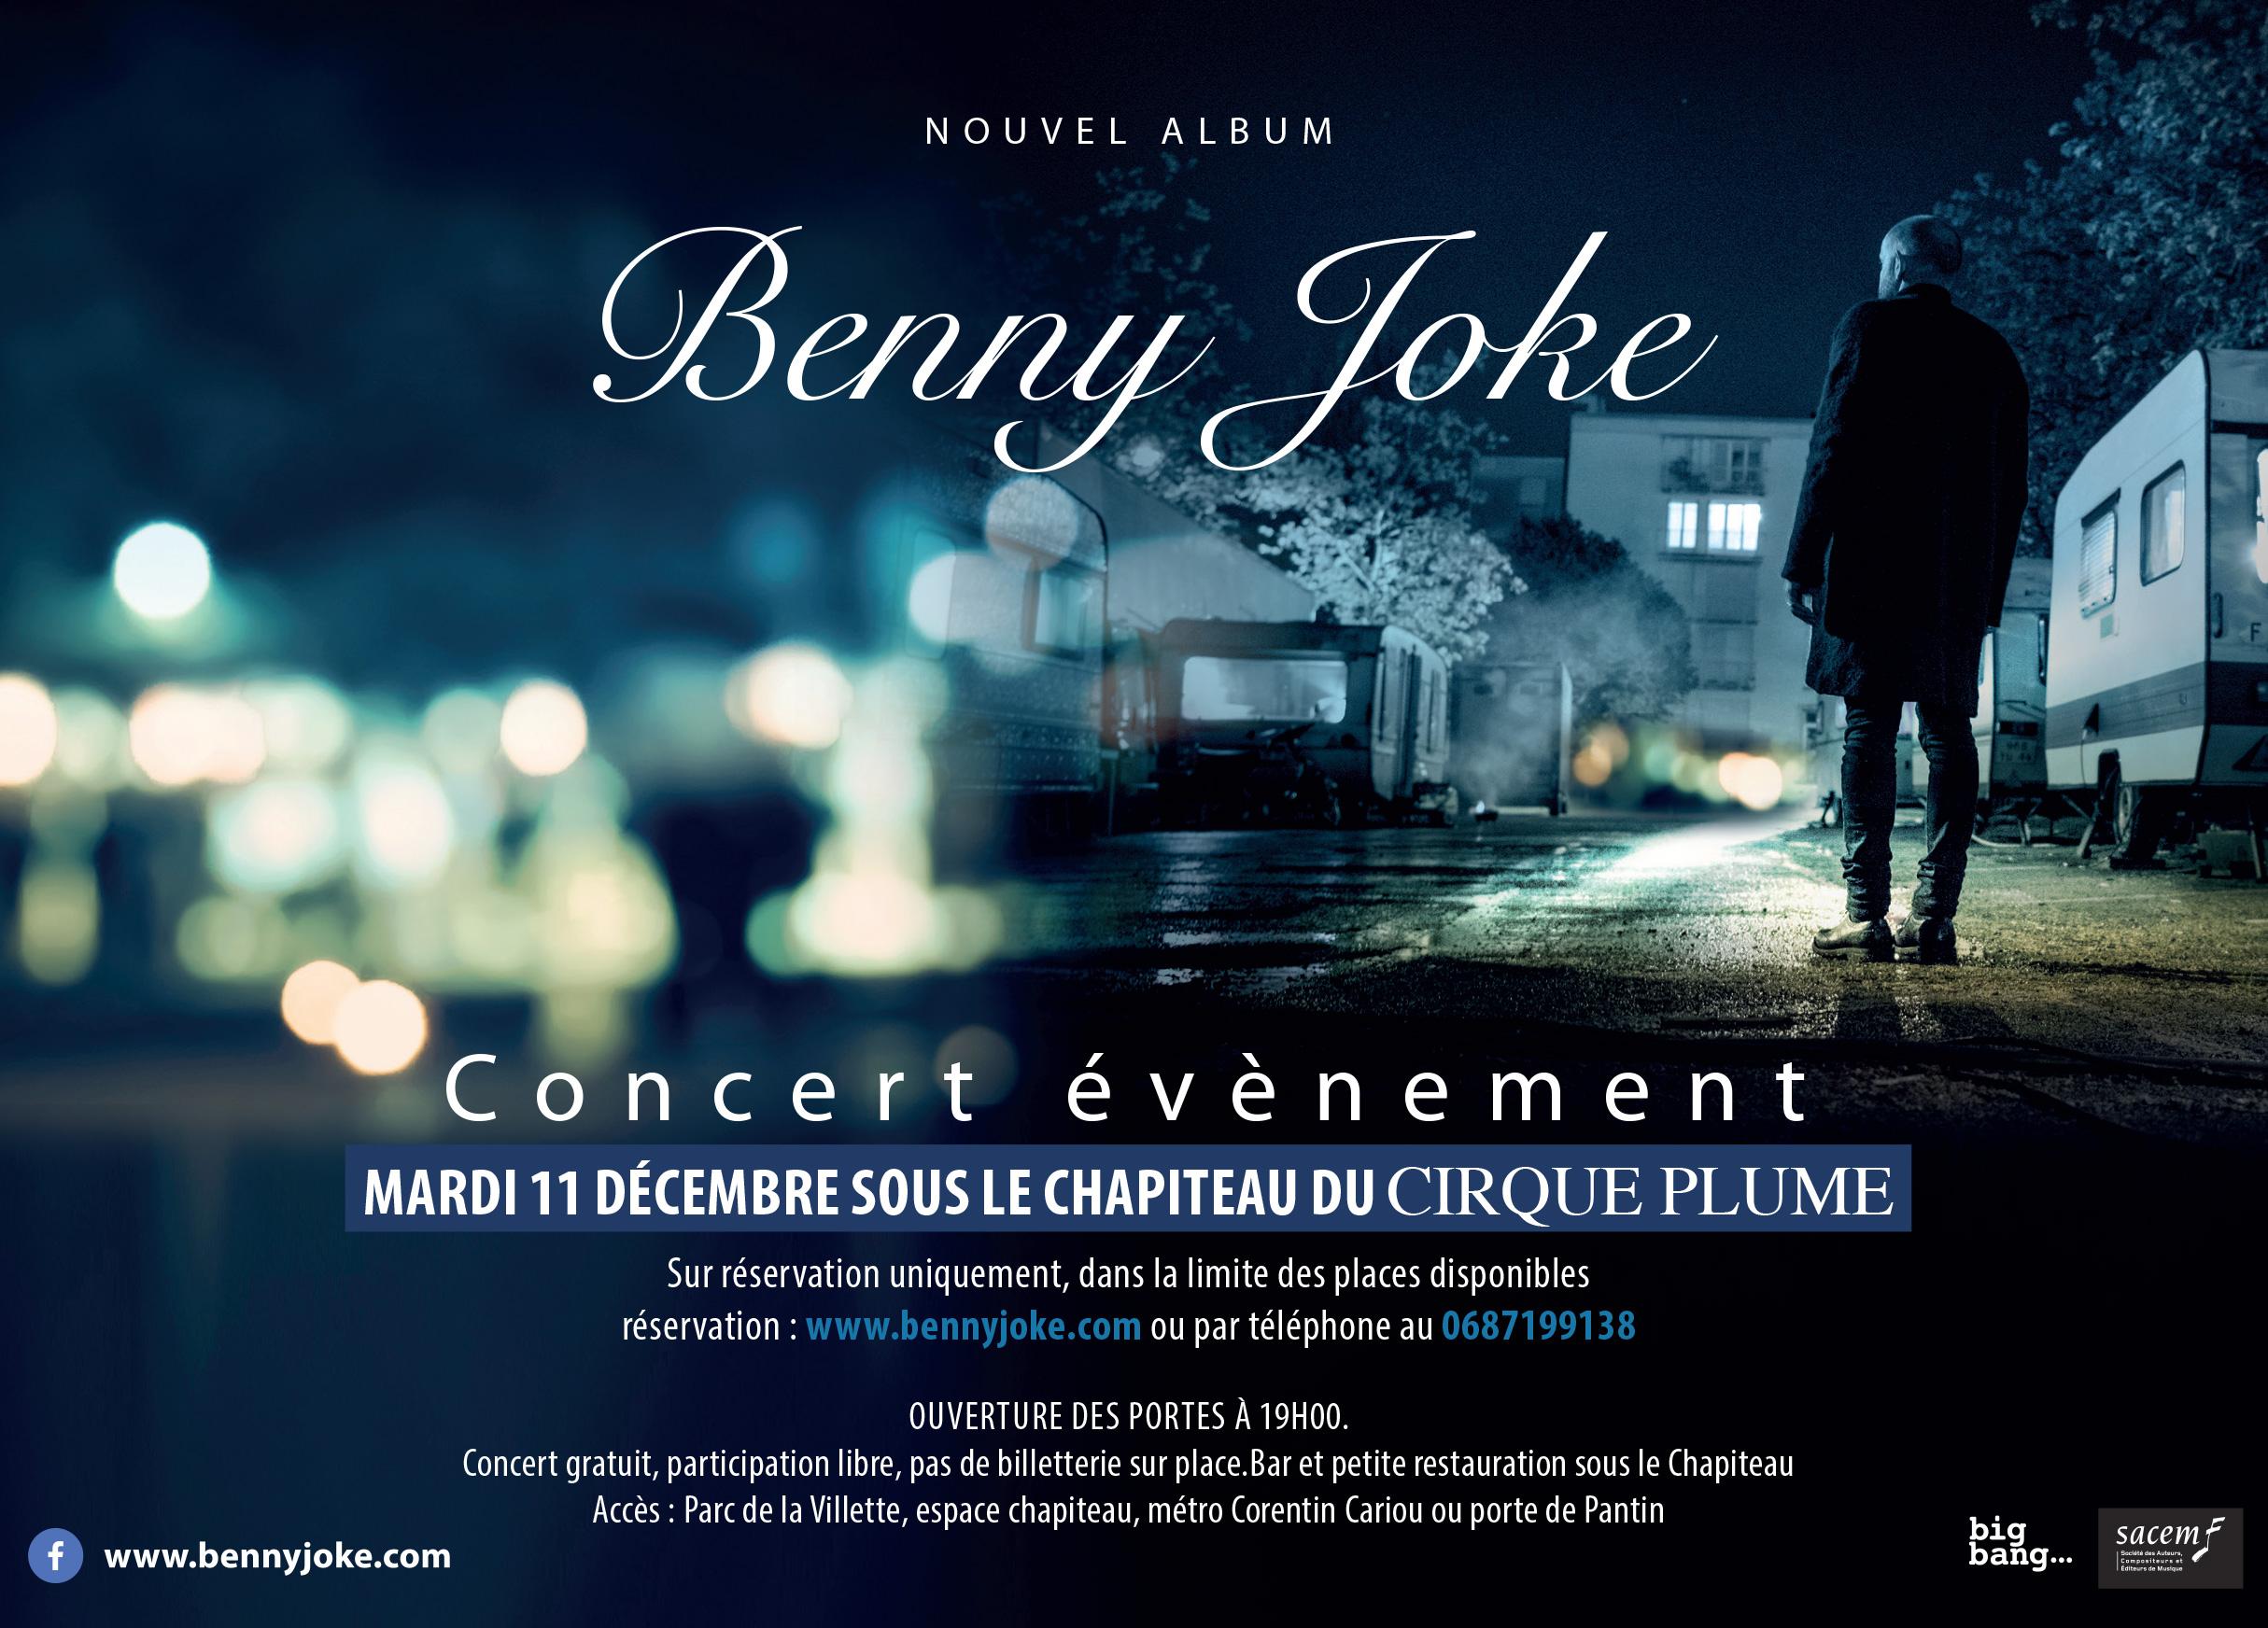 Concert gratuit Benny Joke Mardi 11 décembre à 19h au Cirque Plume La Villette Paris (75)